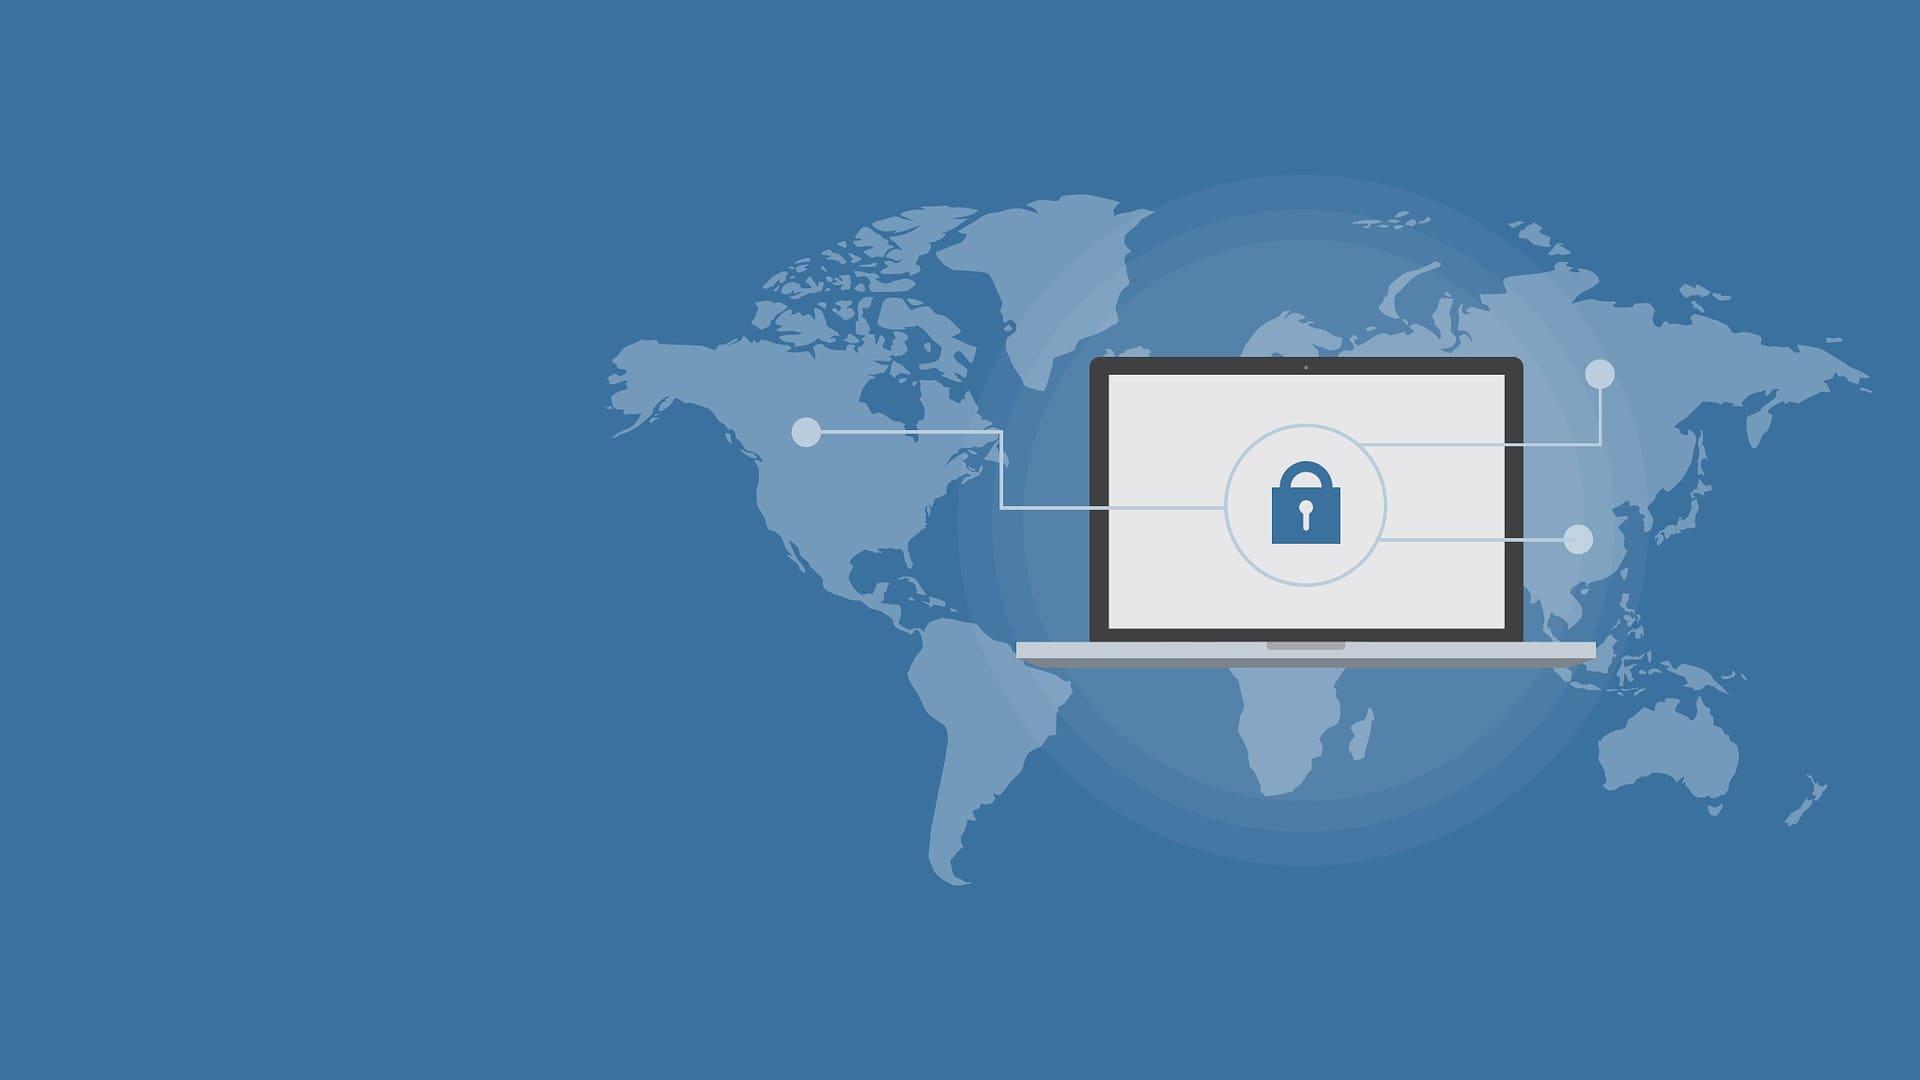 proteggere i dati personali azienda